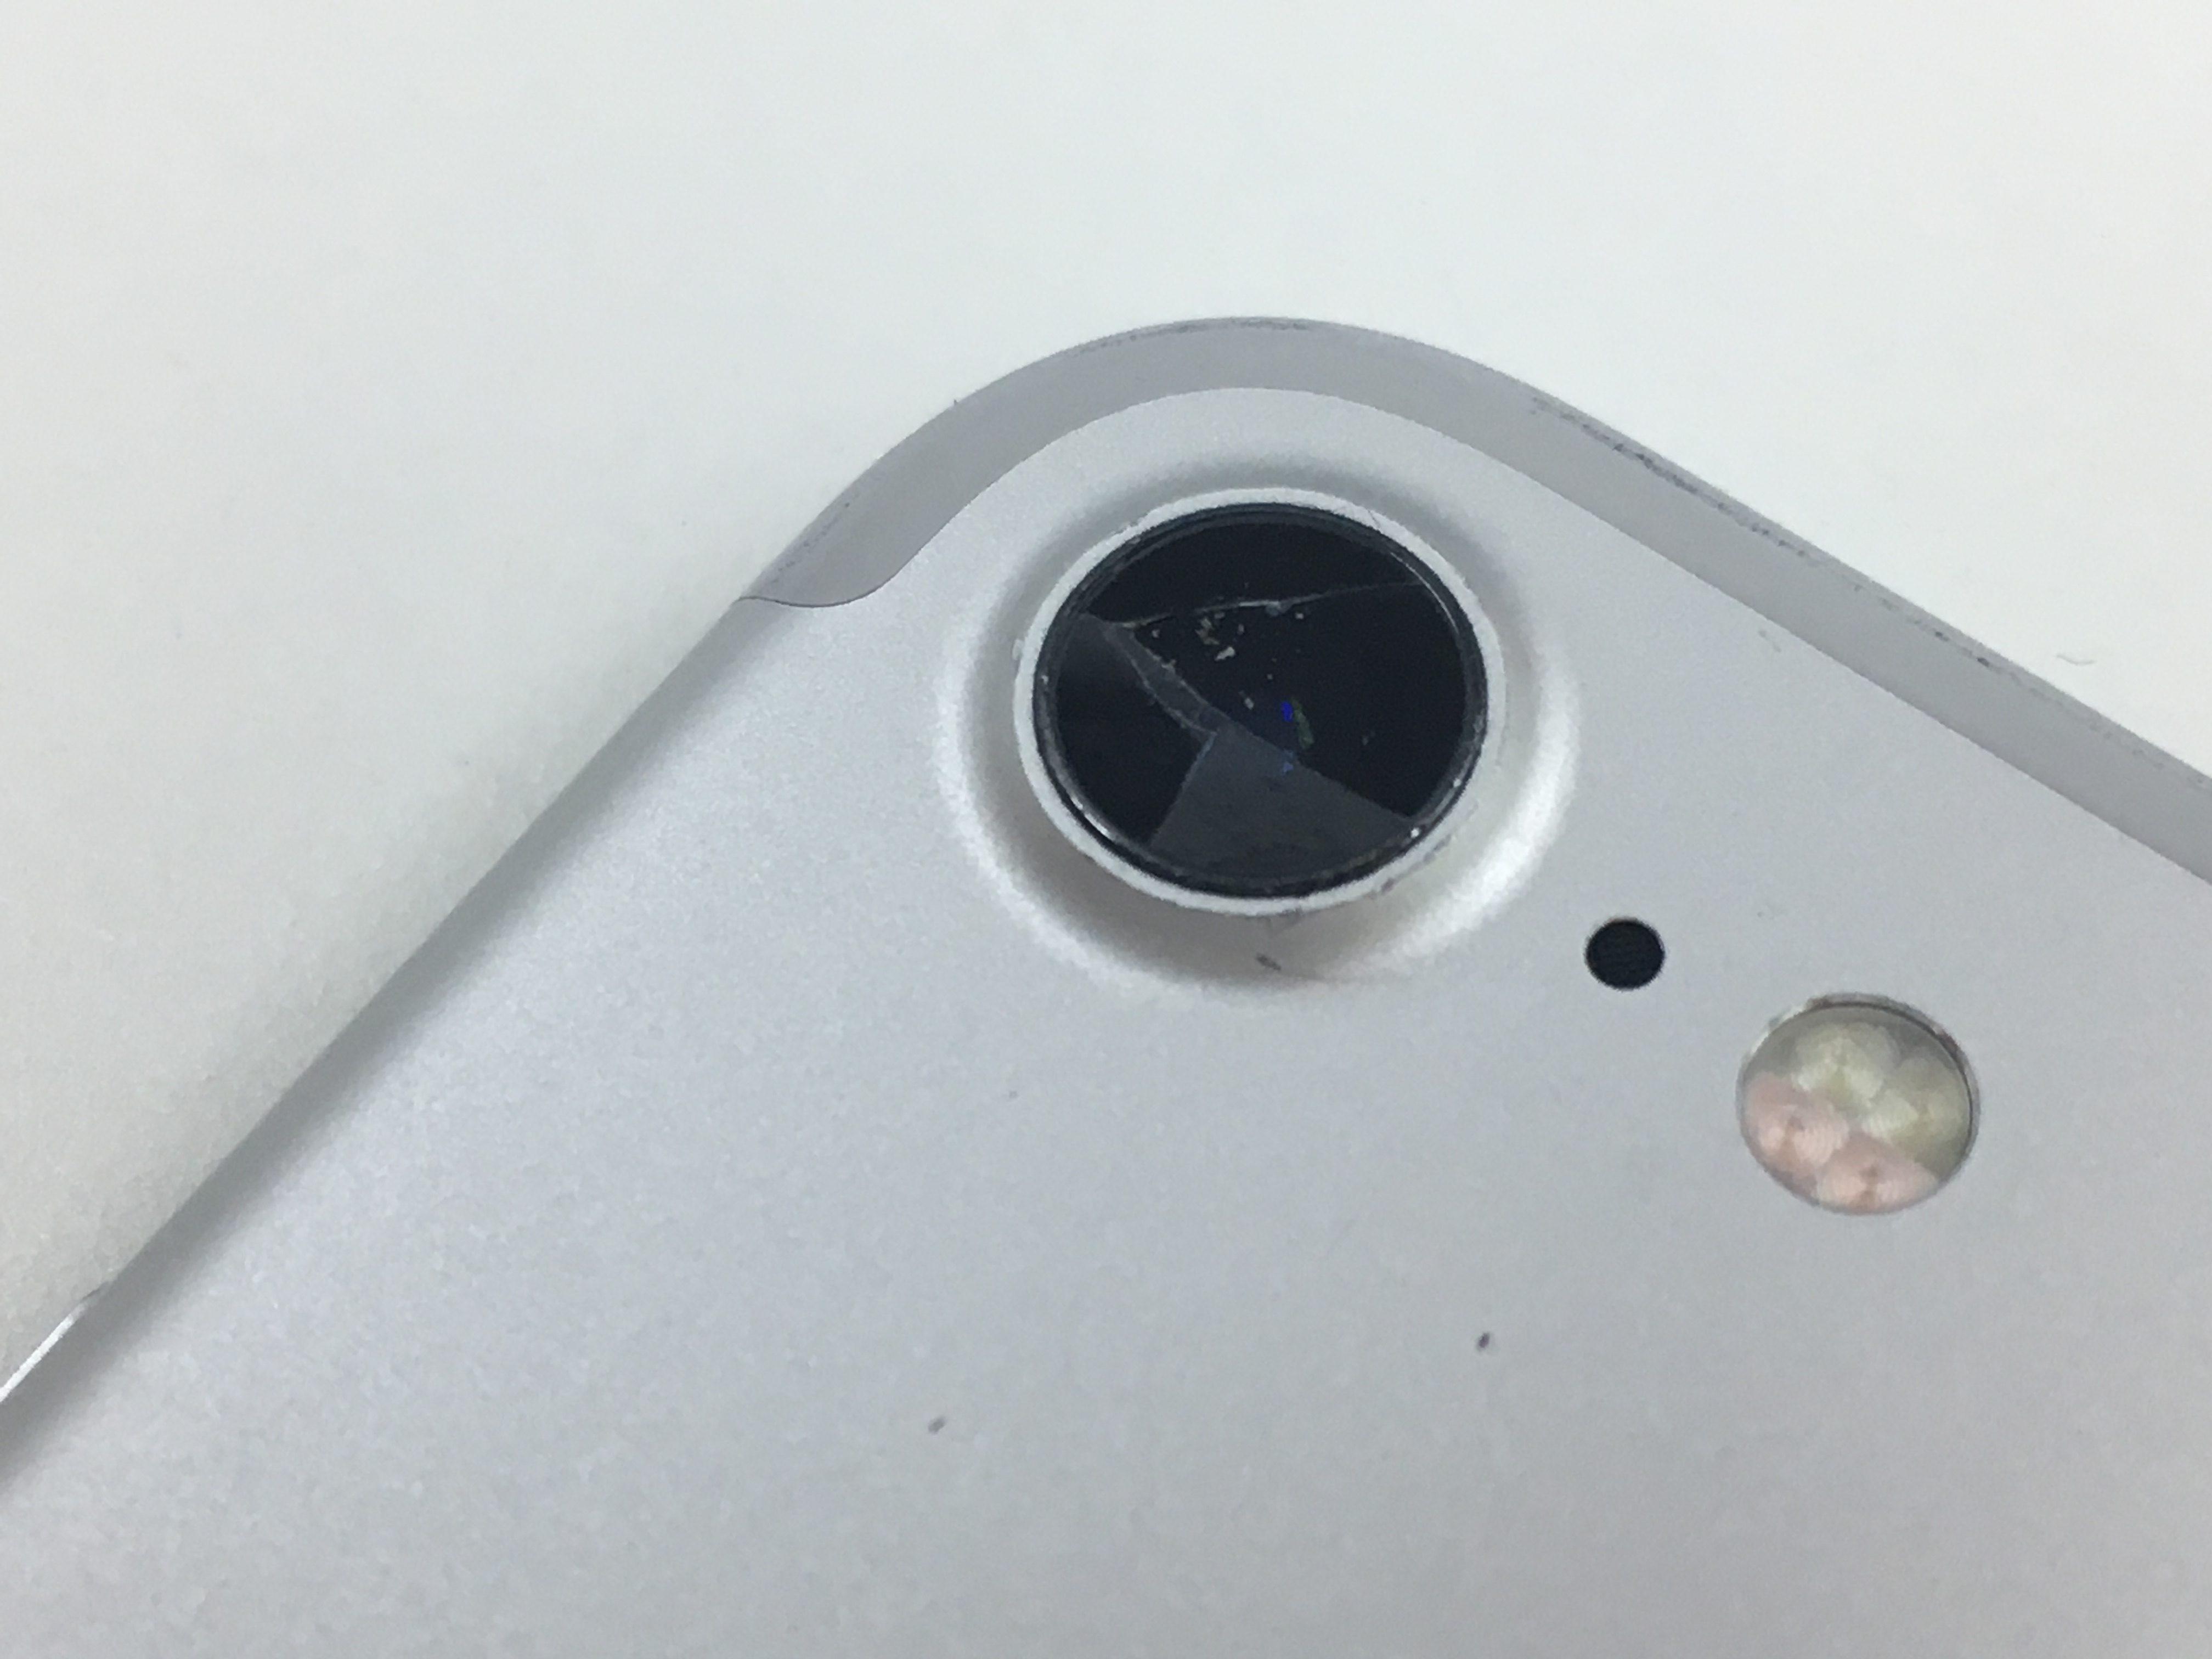 iPhoneカメラレンズ交換 スマップル浜松